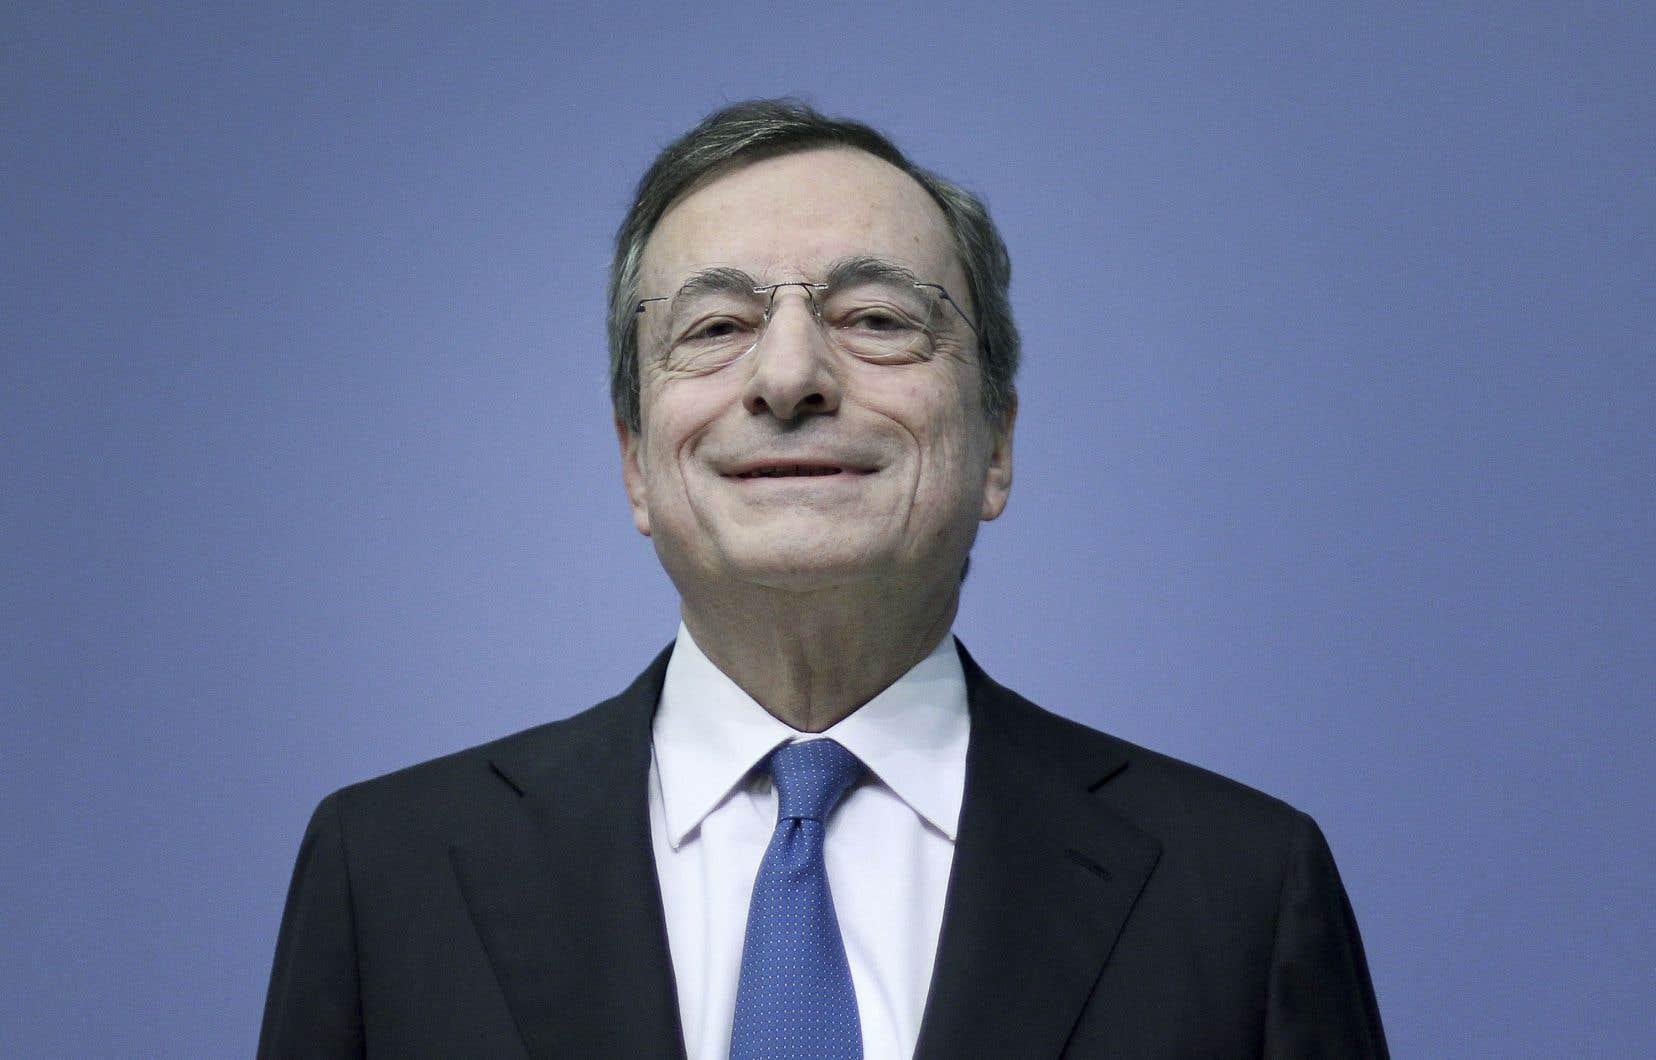 L'Italien Mario Draghi a occupé le poste de président de la Banque centrale européenne pendant huit ans. Ilrésume ainsi son parcours là-bas: «Ne jamais abandonner».